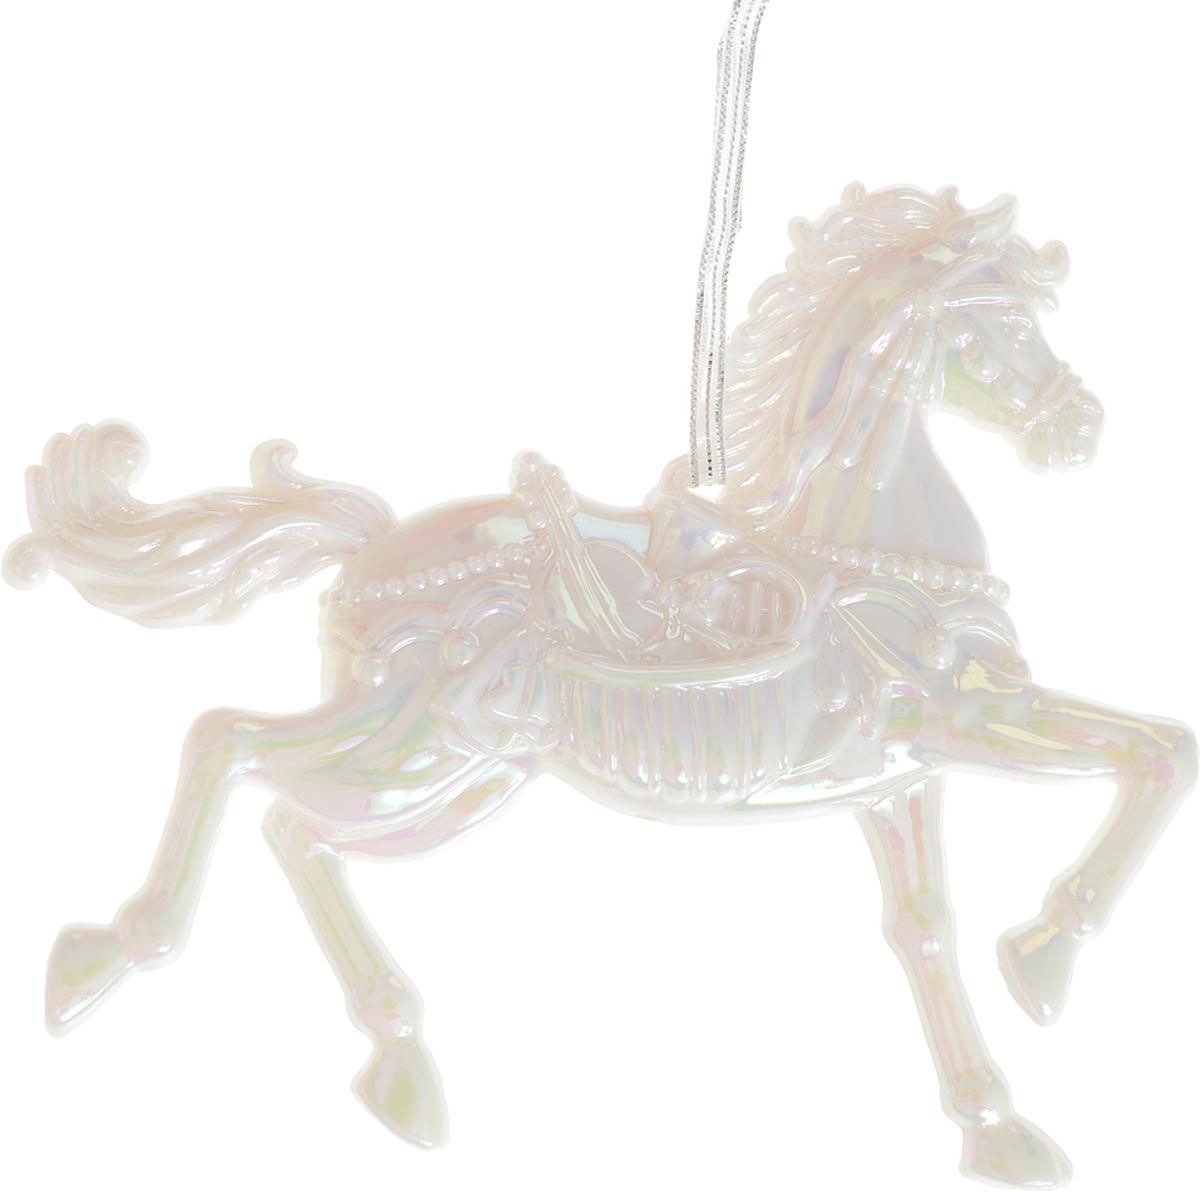 Украшение для интерьера новогоднее Erich Krause Конь белогривый, 10 см36076Грациозный конь выполнен в перламутровом цвете и декорирован блестками. Фигурки животных всегда пользуются большой популярностью, и спрос на них является стабильно высоким. Новогодние украшения всегда несут в себе волшебство и красоту праздника. Создайте в своем доме атмосферу тепла, веселья и радости, украшая его всей семьей.Уважаемые клиенты! Обращаем ваше внимание на возможные изменения в дизайне украшения. Поставка осуществляется в зависимости от наличия на складе.